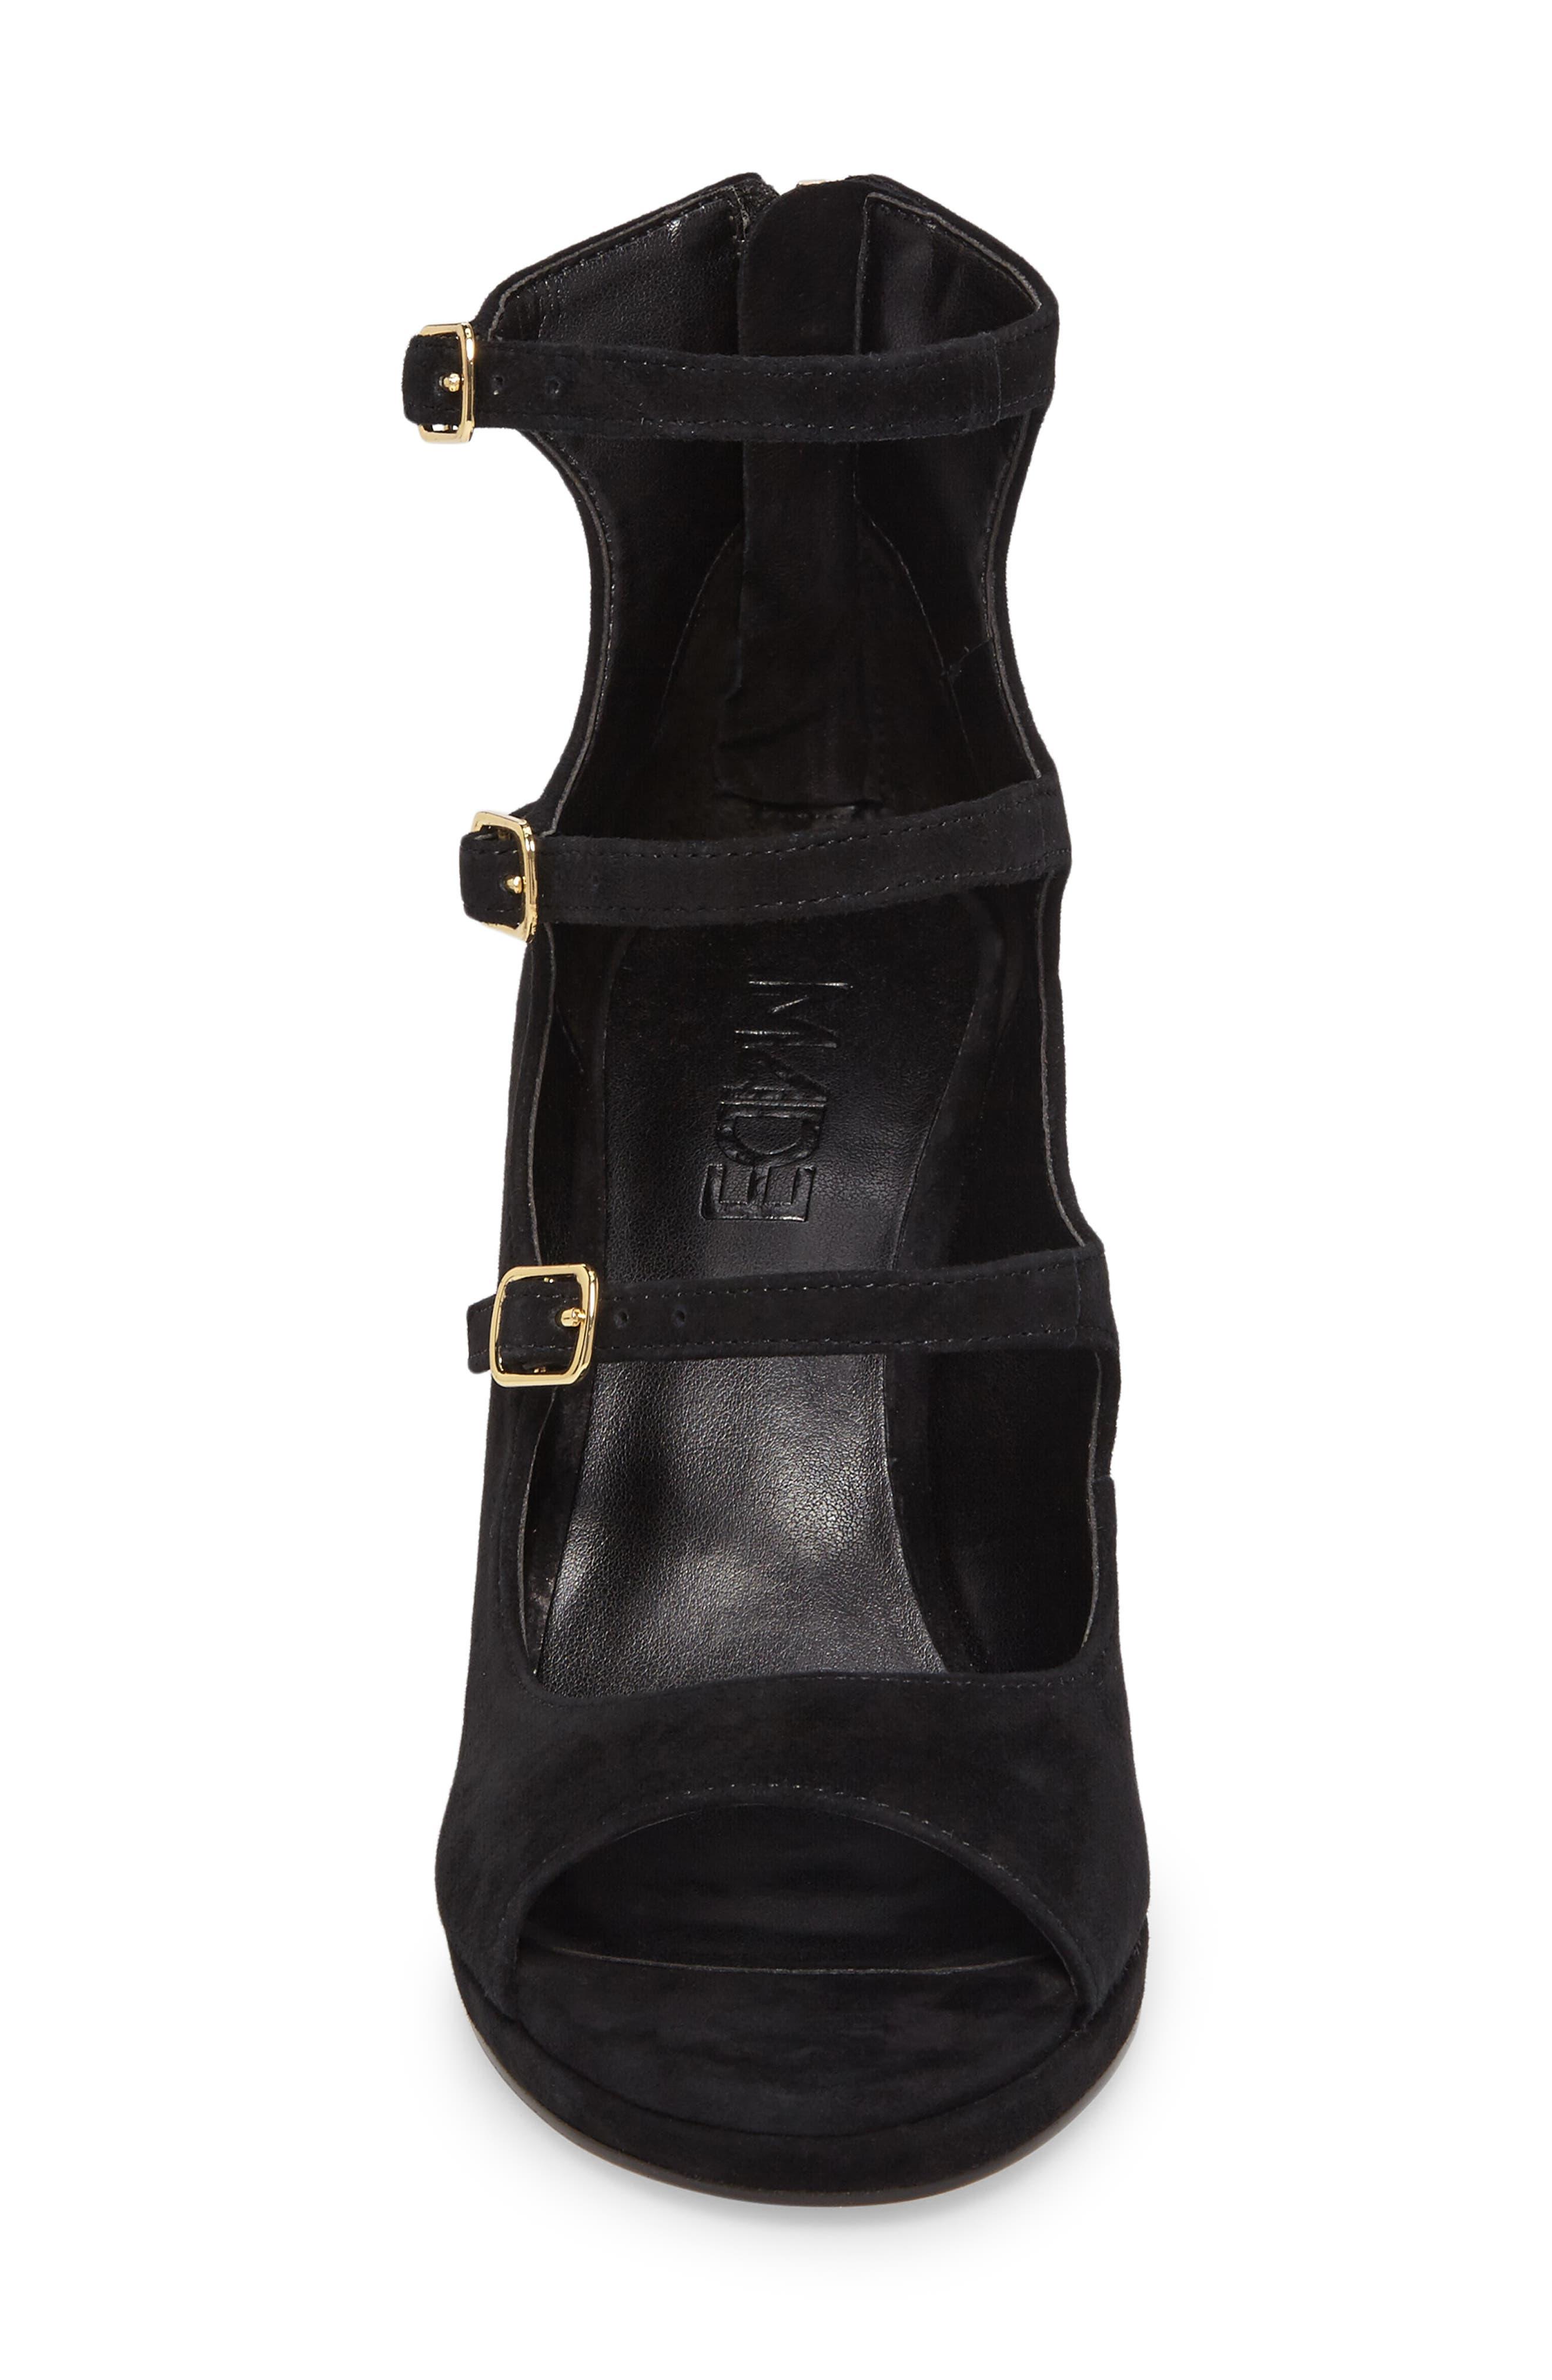 M4D3 Affair Cage Sandal,                             Alternate thumbnail 4, color,                             Black Leather